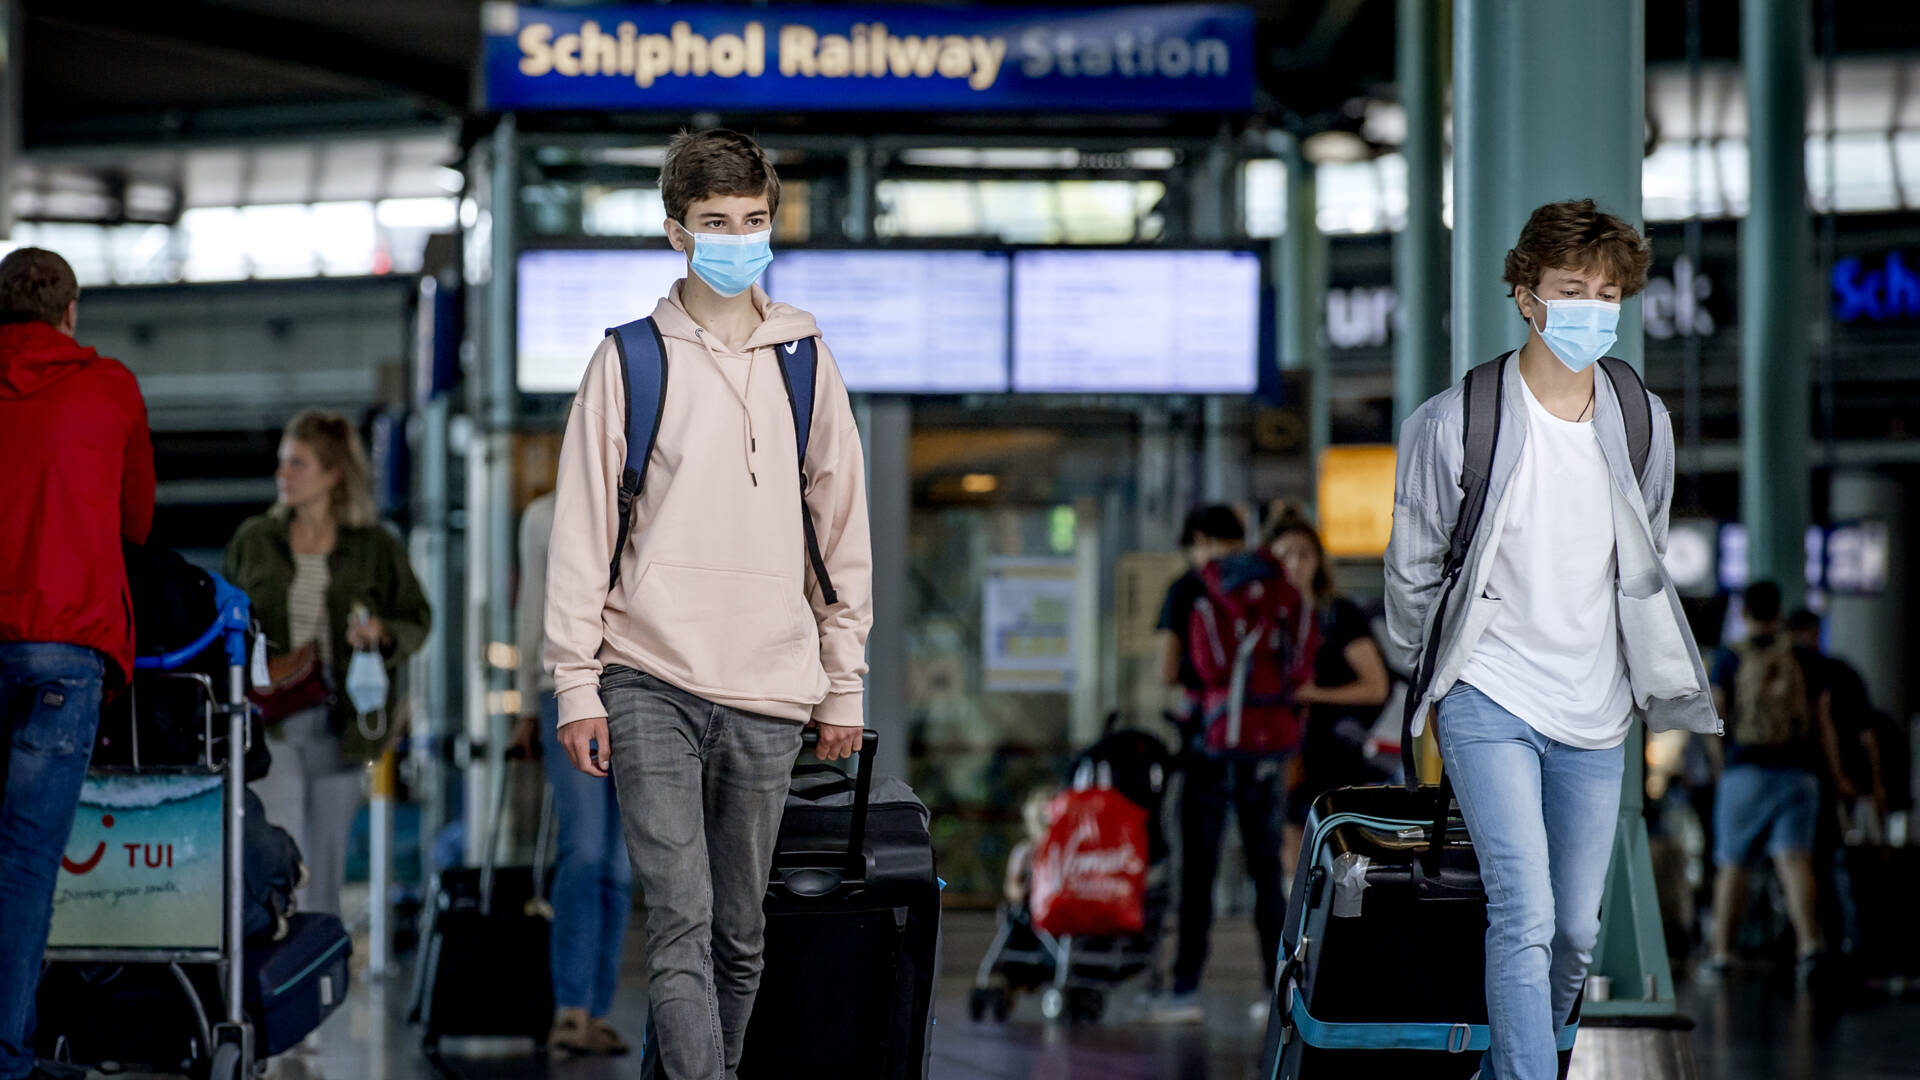 لا يتوقع تدخلات كبيرة، لكن الحكومة الهولندية قلقة بشأن المصطافين والطلاب